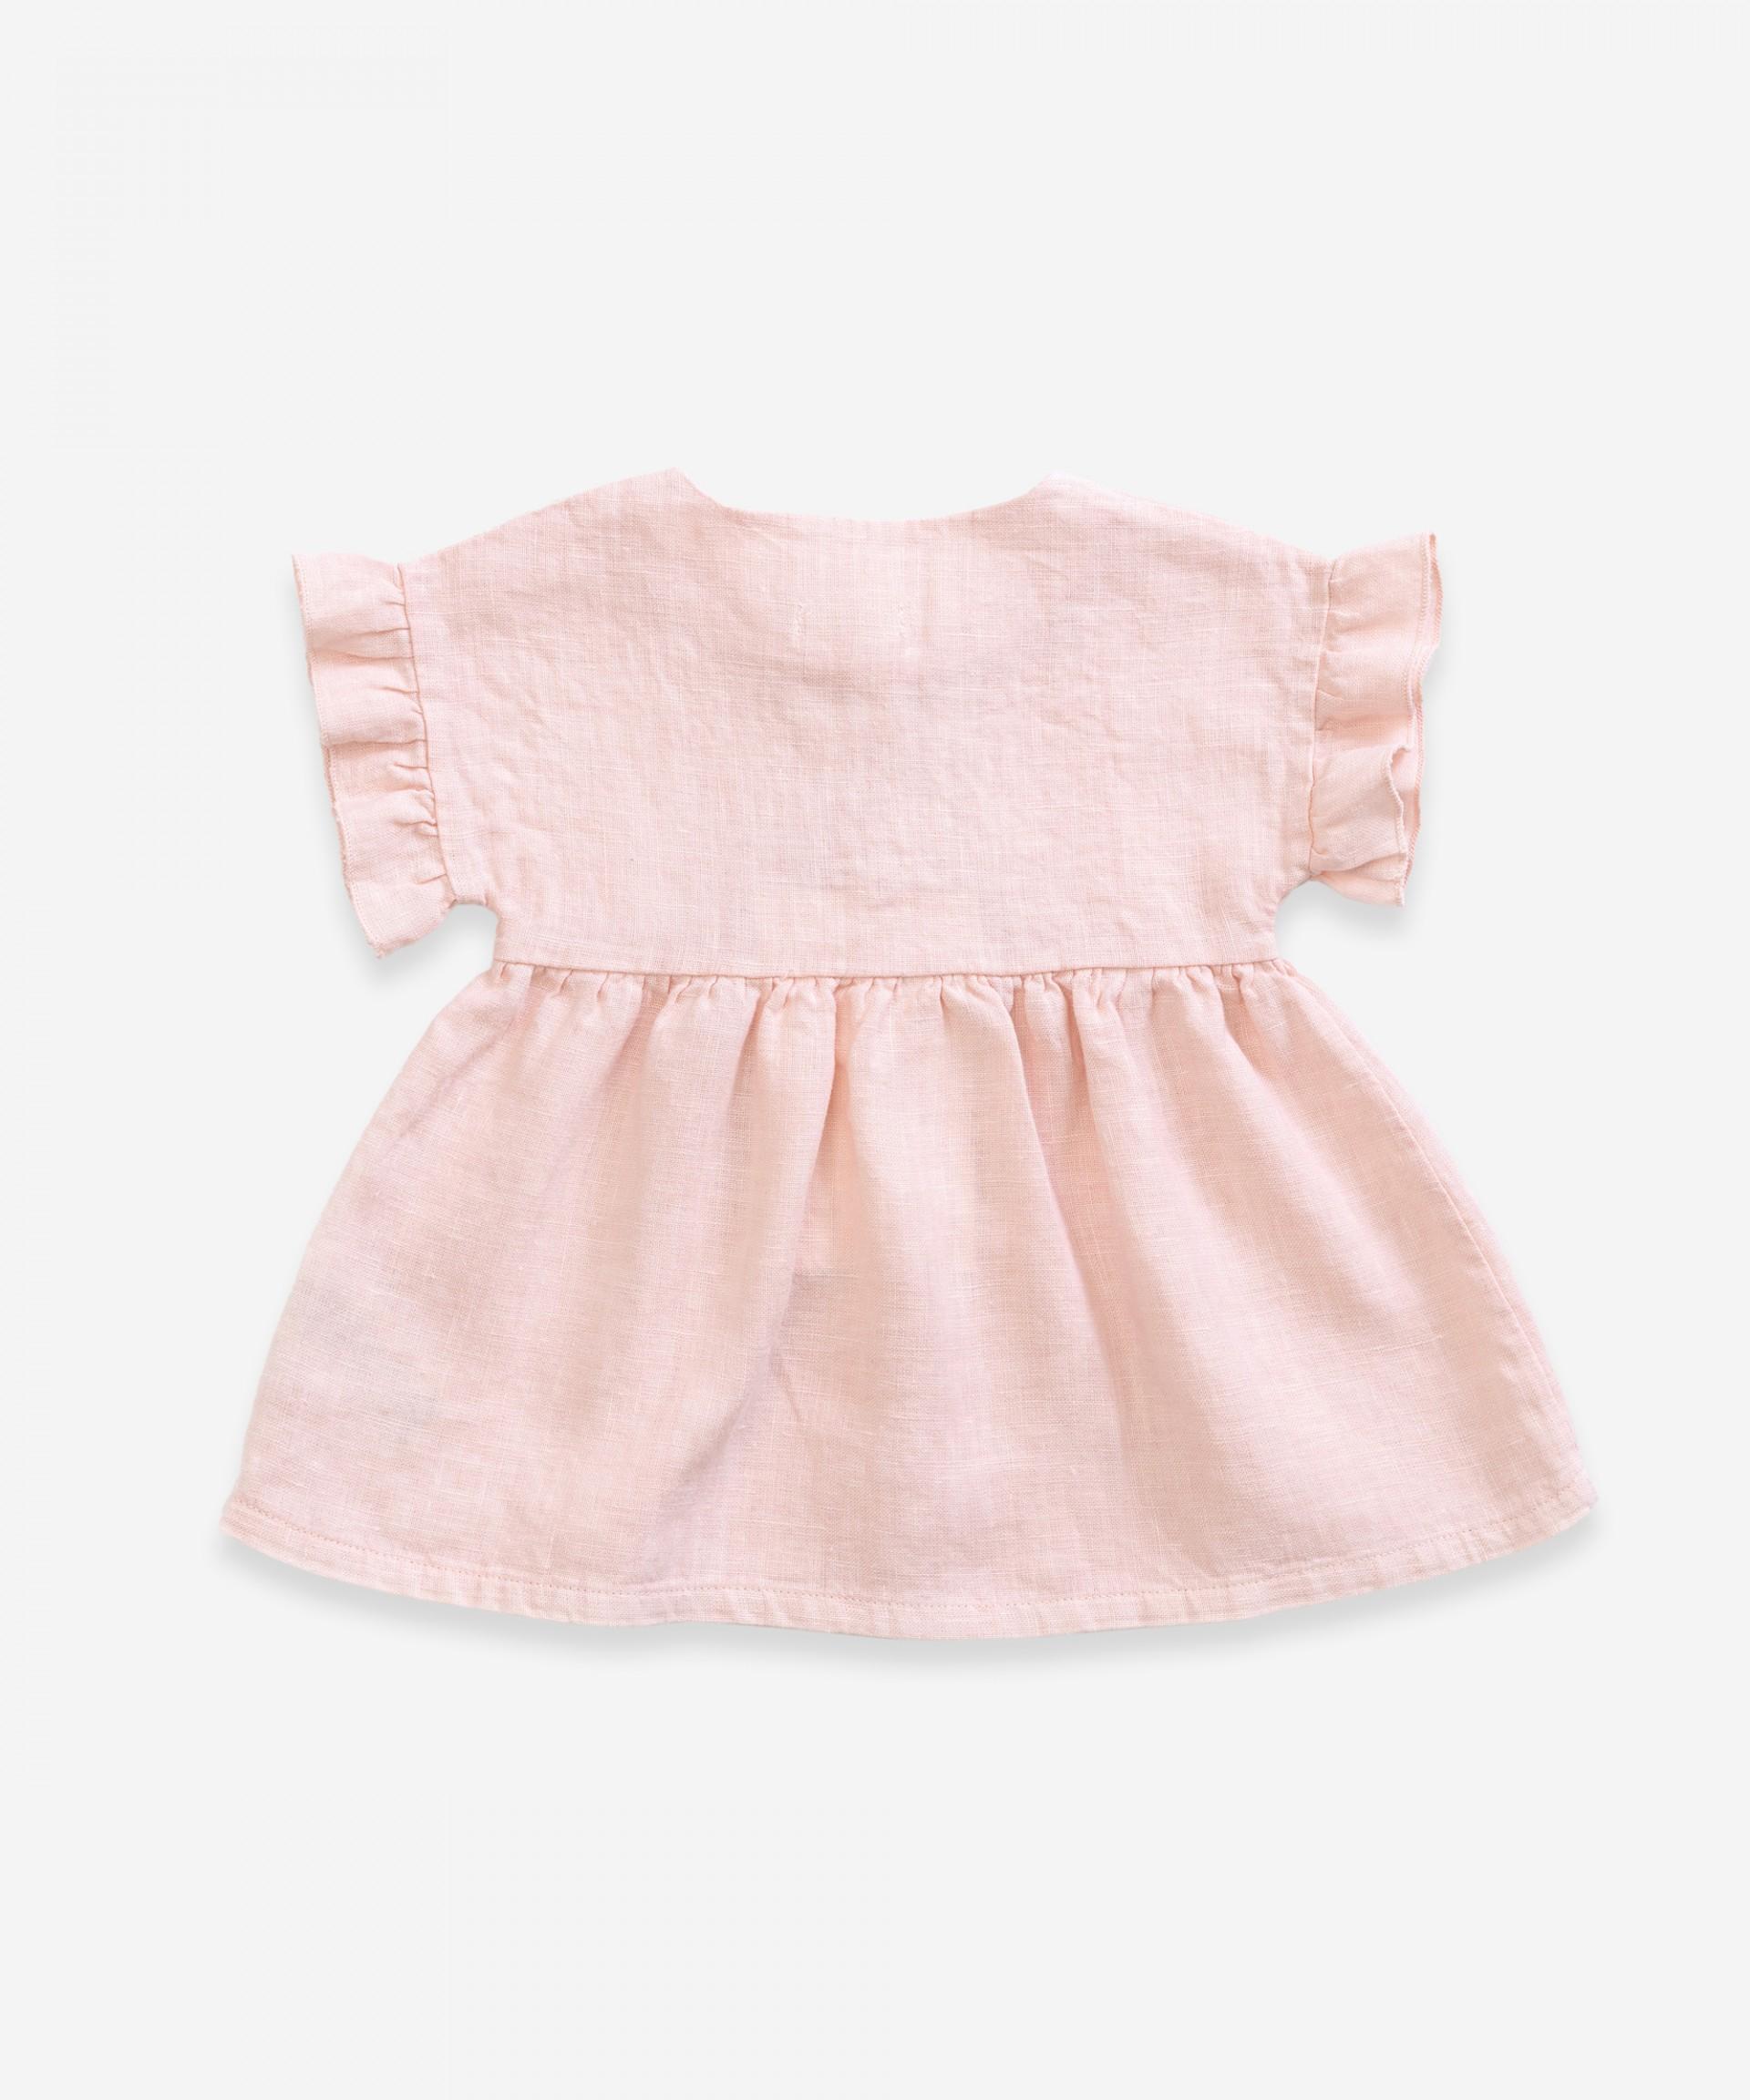 Vestido de lino con botones de madera | Weaving